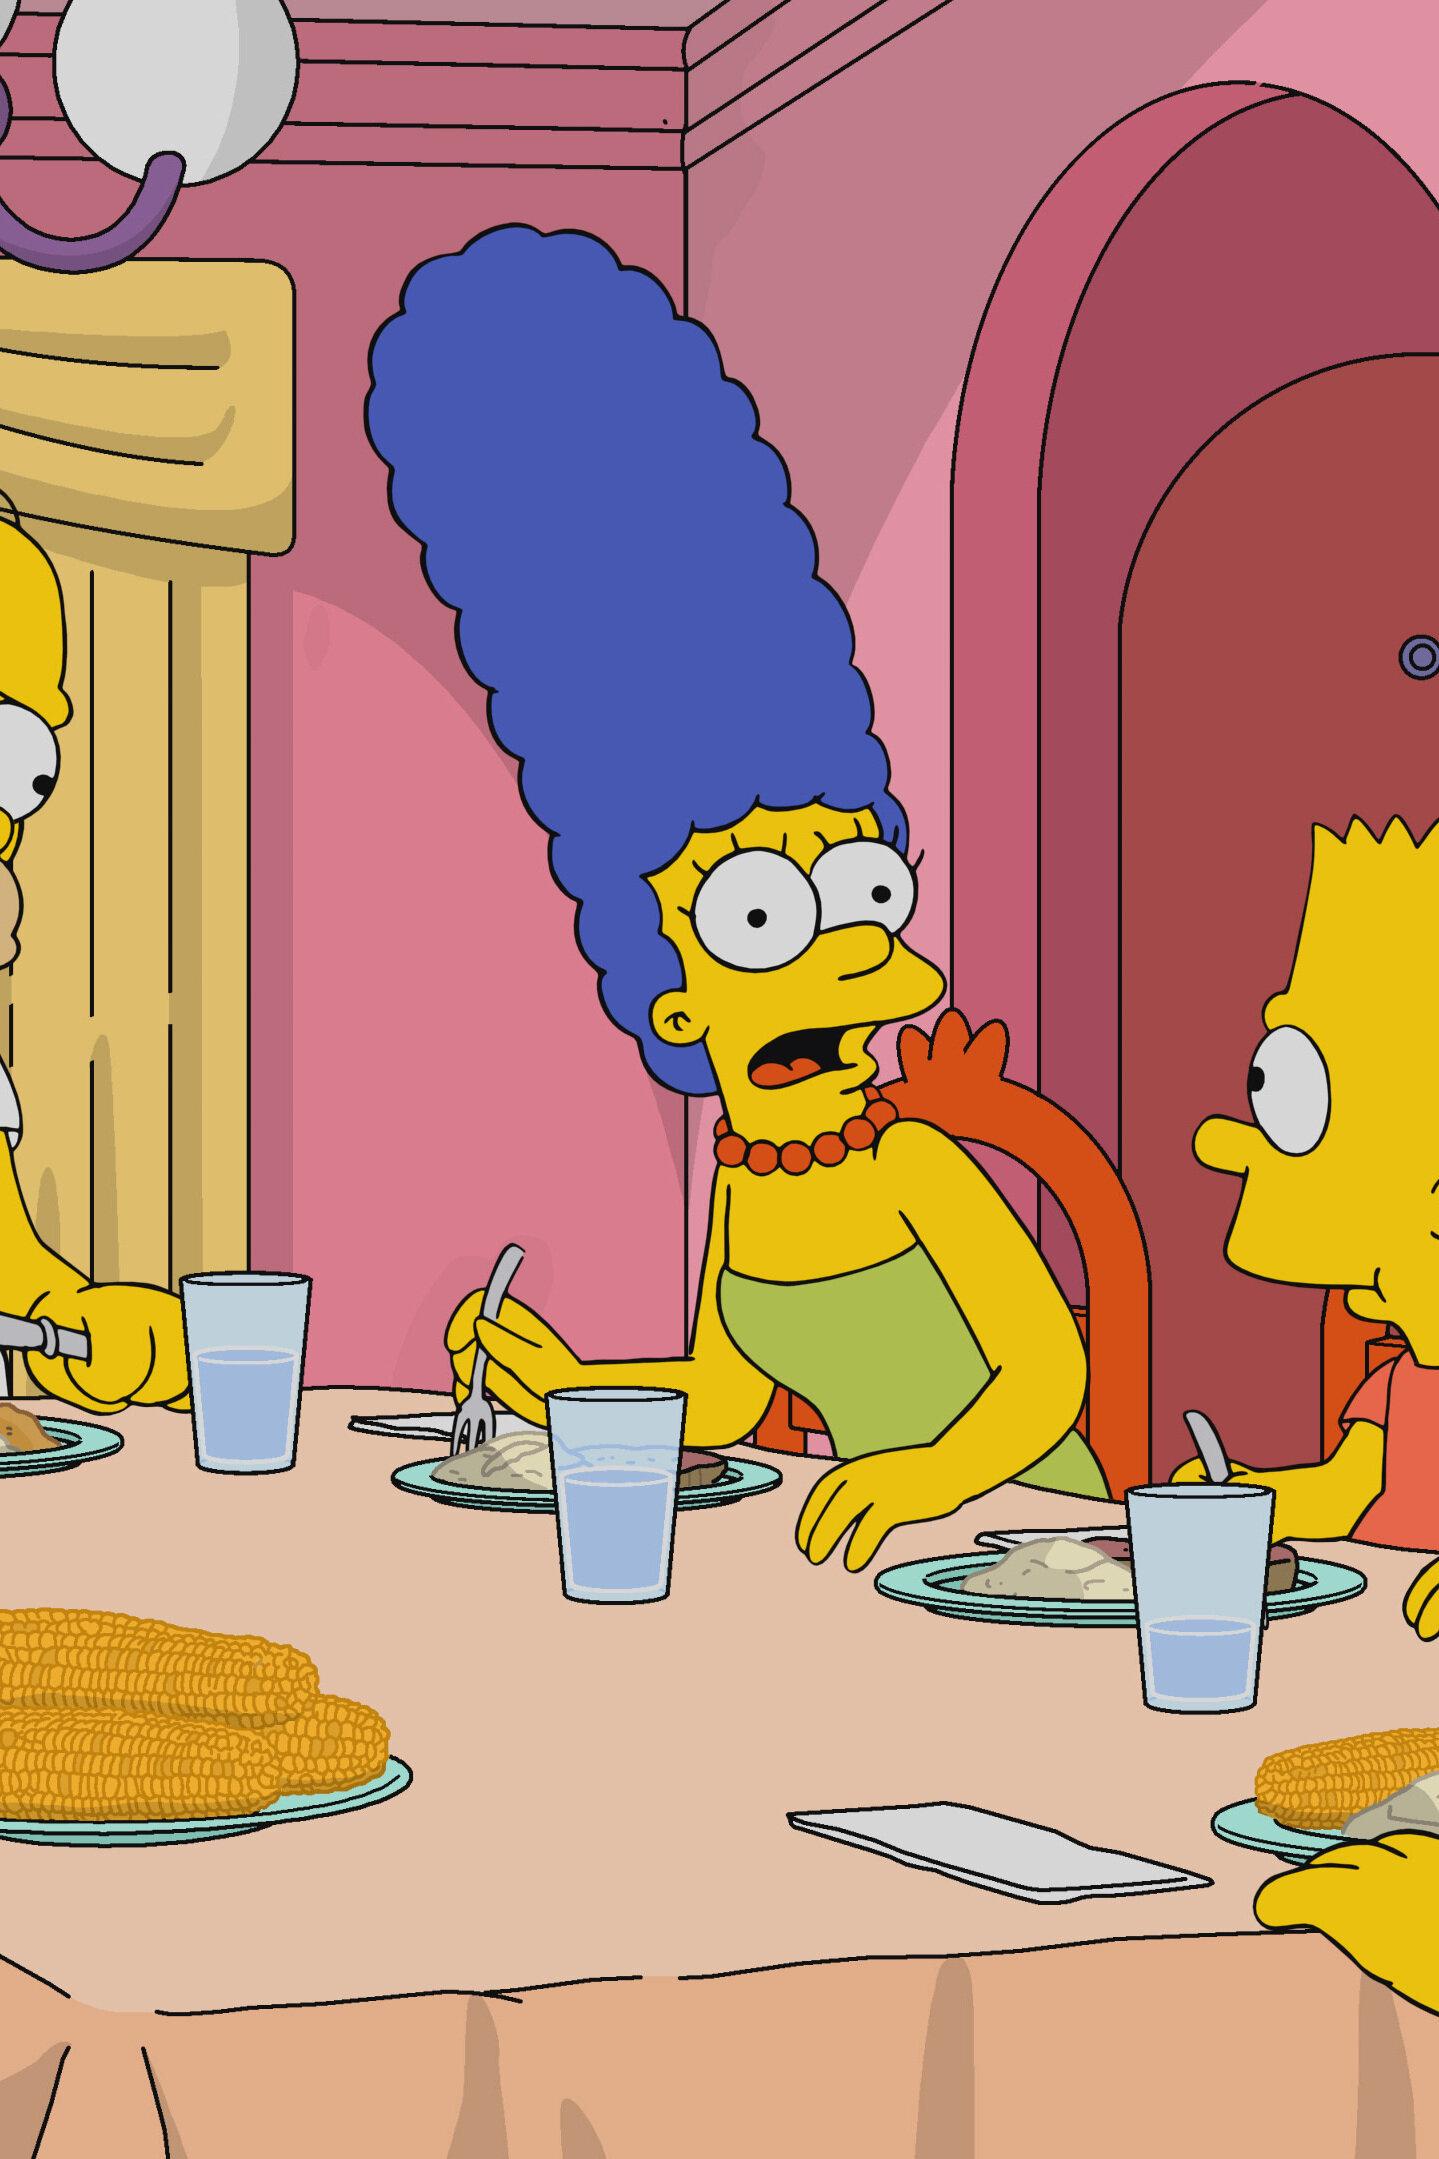 Les Simpson - Bébé siffleur